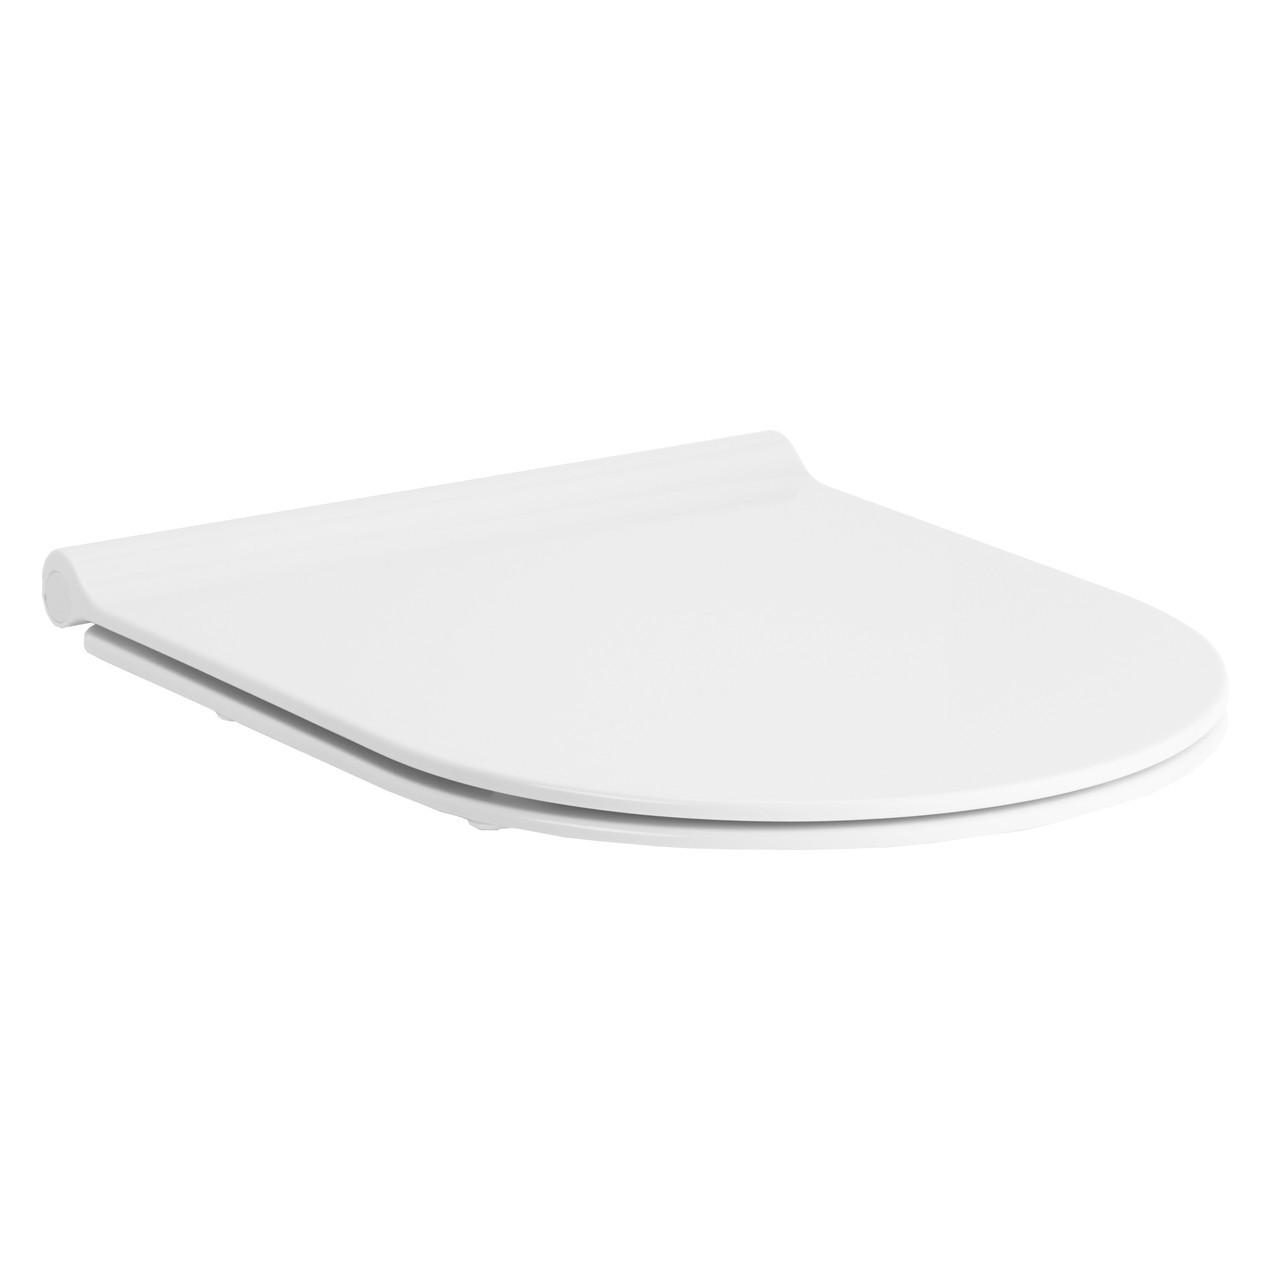 Сиденье для унитаза твердое slow-closing крепление метал Volle Nemo 13-17-095 белый